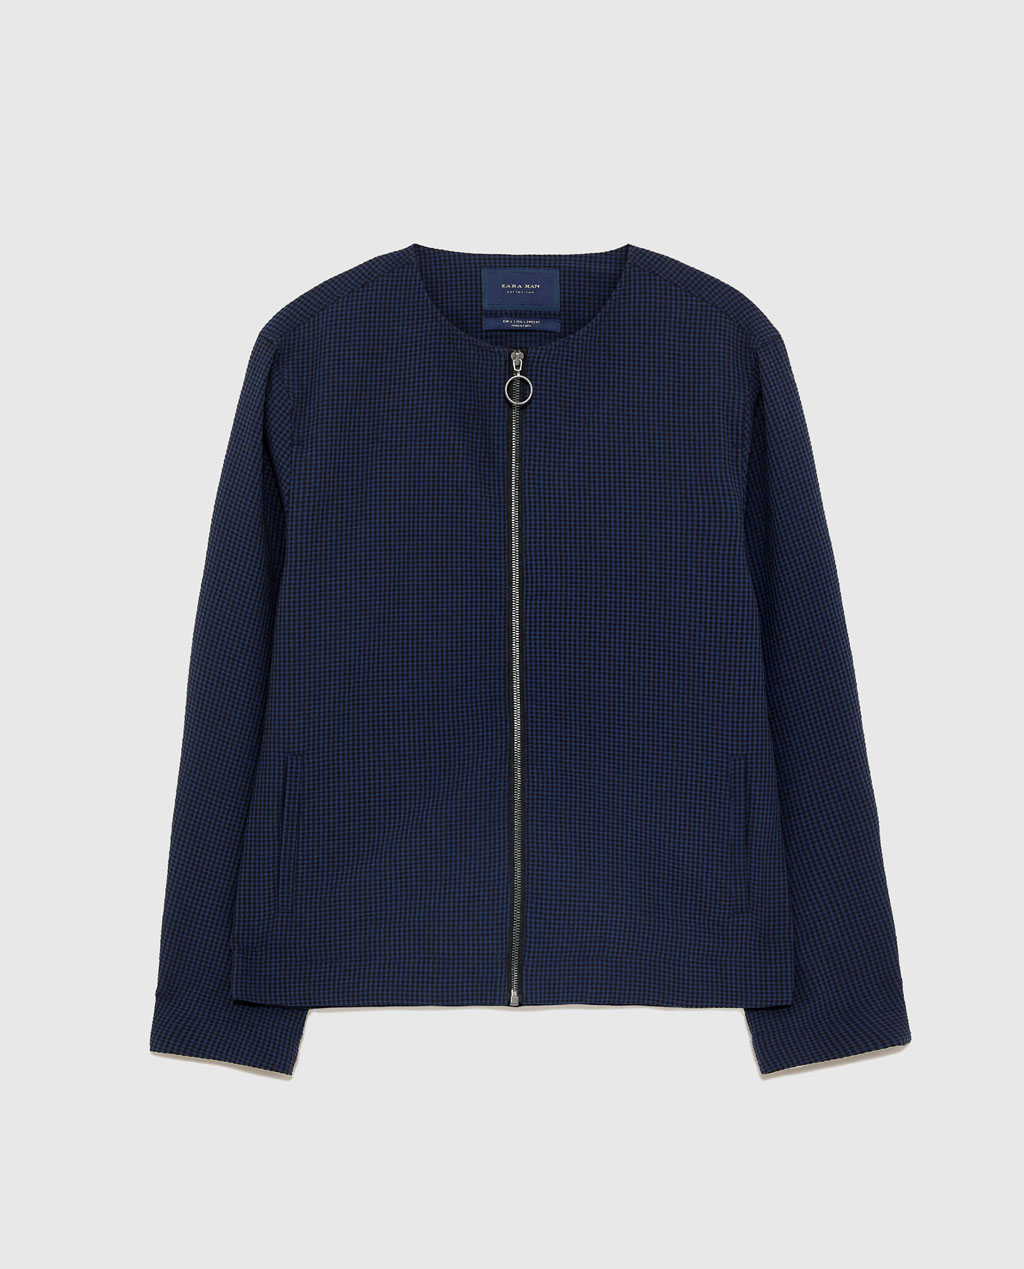 Thời trang nam Zara  24083 - ảnh 10